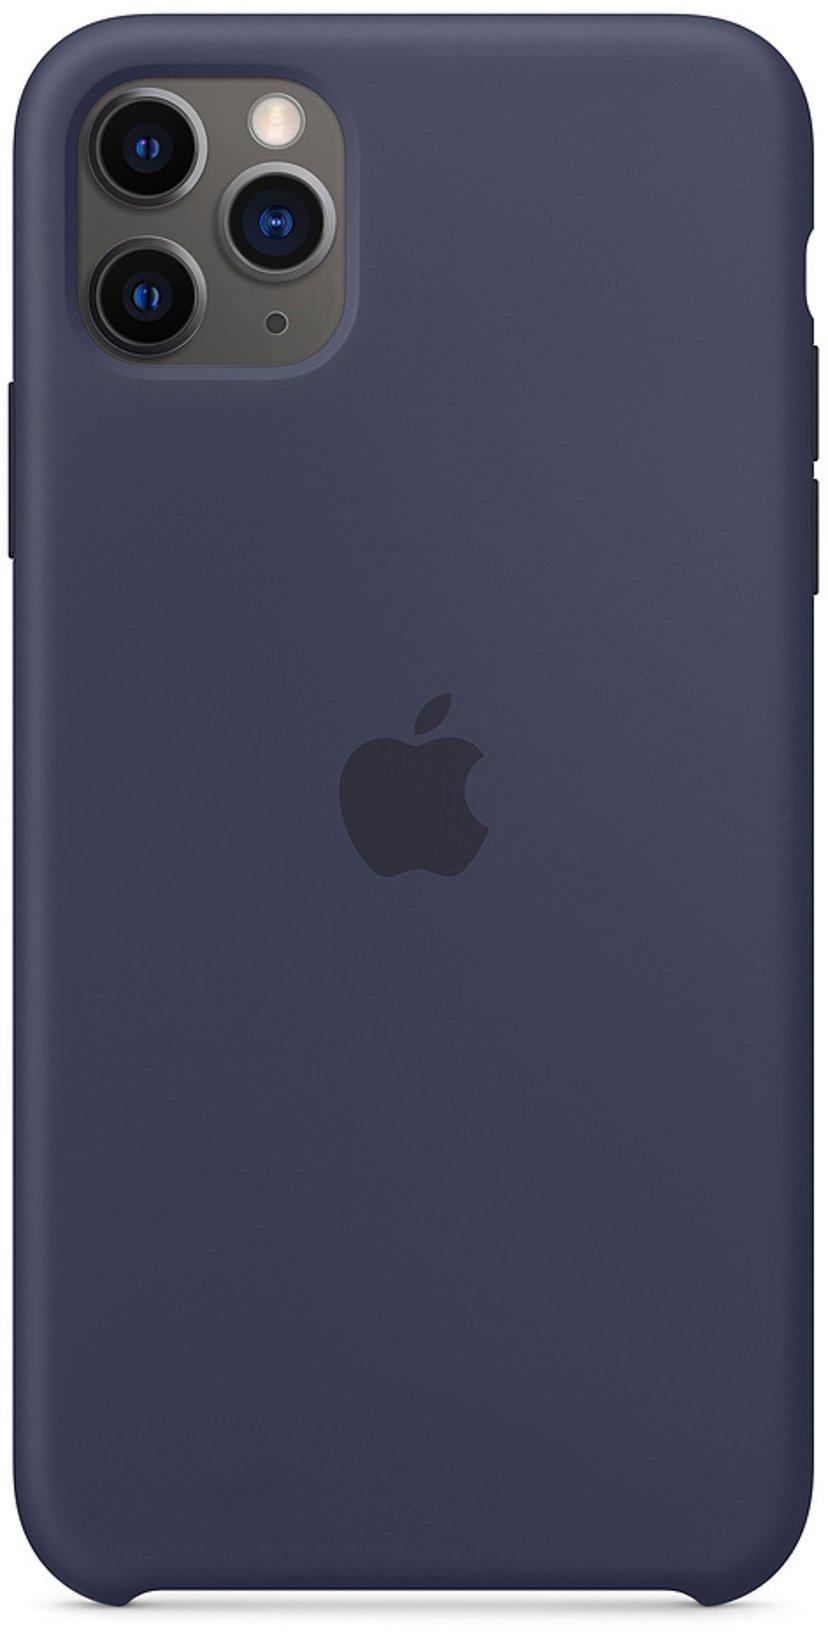 Apple Baksidesskydd för mobiltelefon iPhone 11 Pro Max Midnattsblå